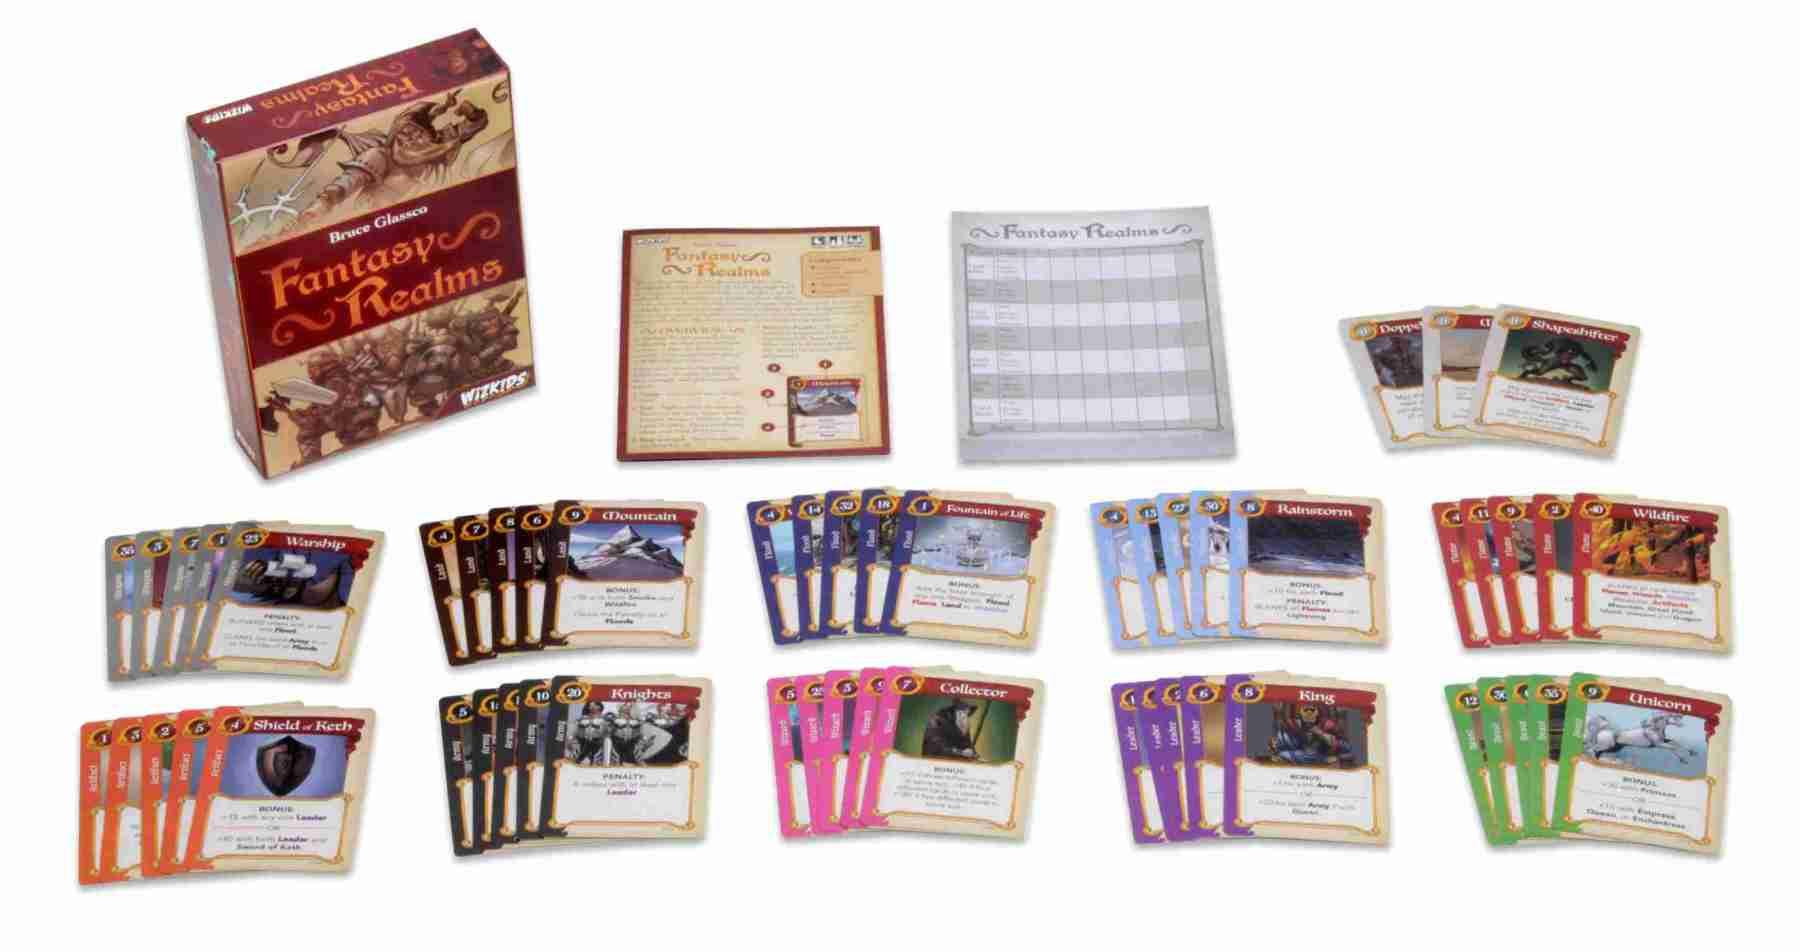 Fantasy Realms juego de mesa